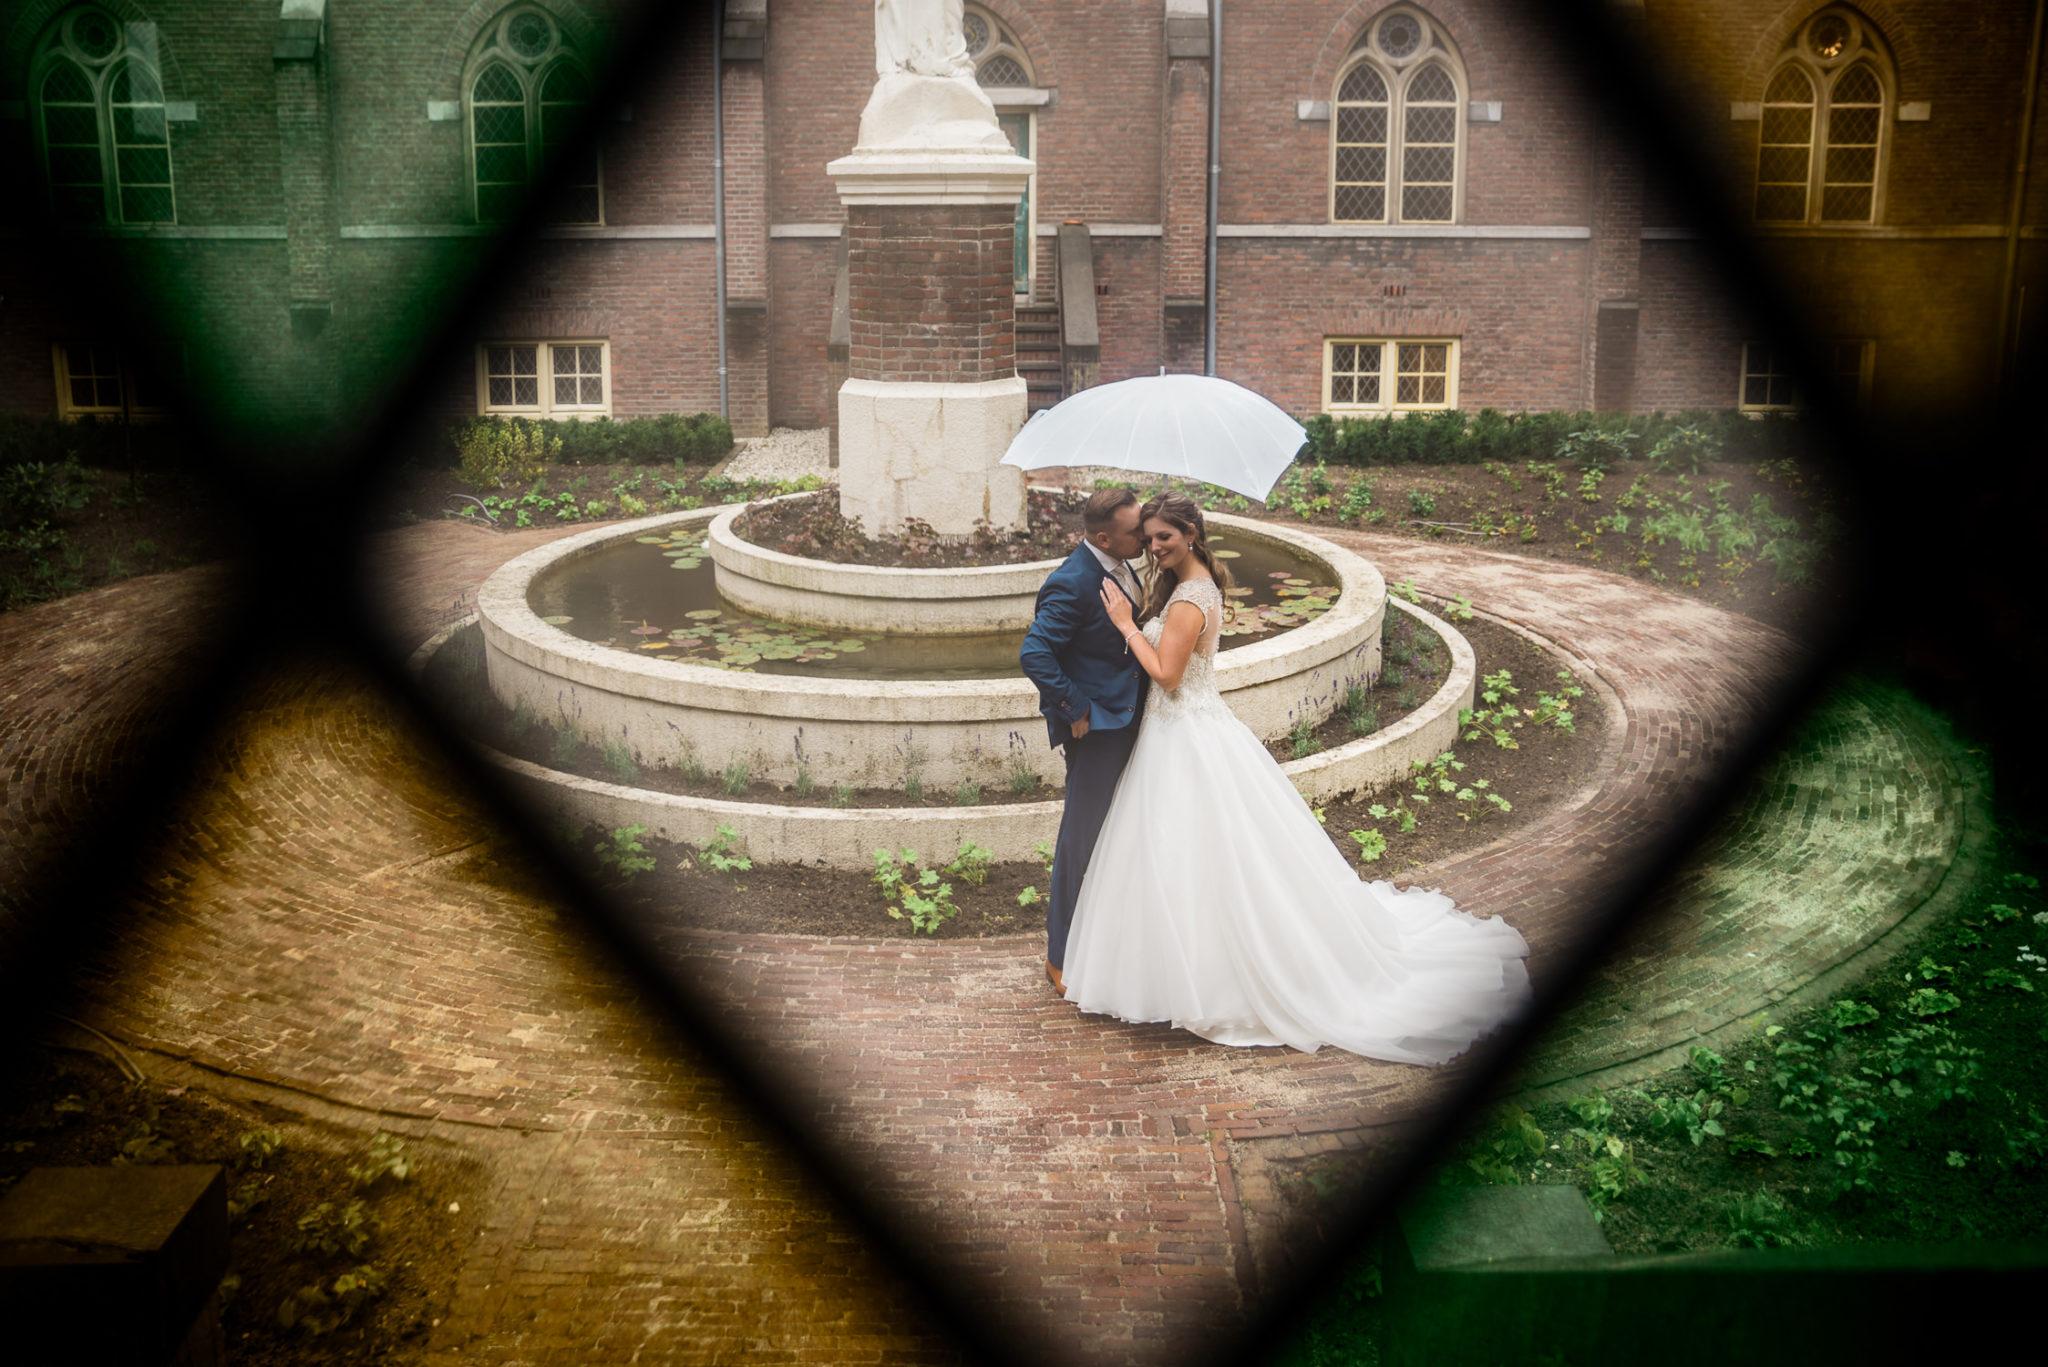 Ferdivds trouwfotograaf Drunen Heusden Noord-Brabant